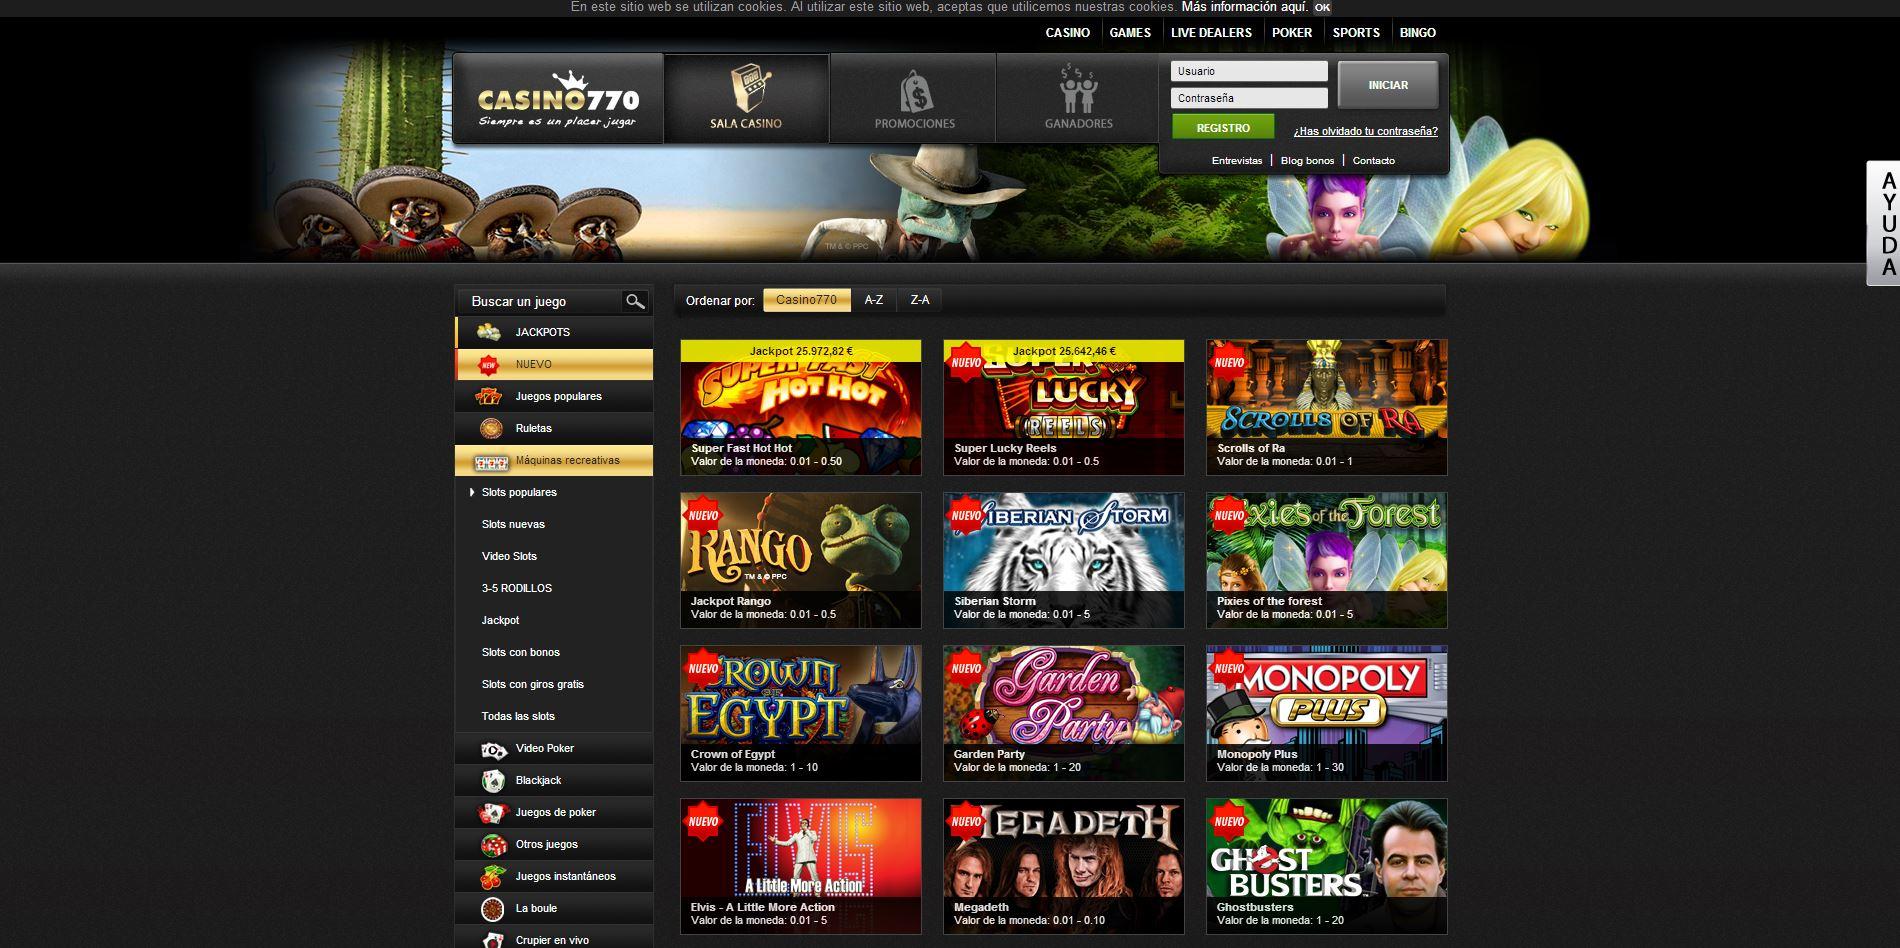 Casino 770 Juegos Gratis